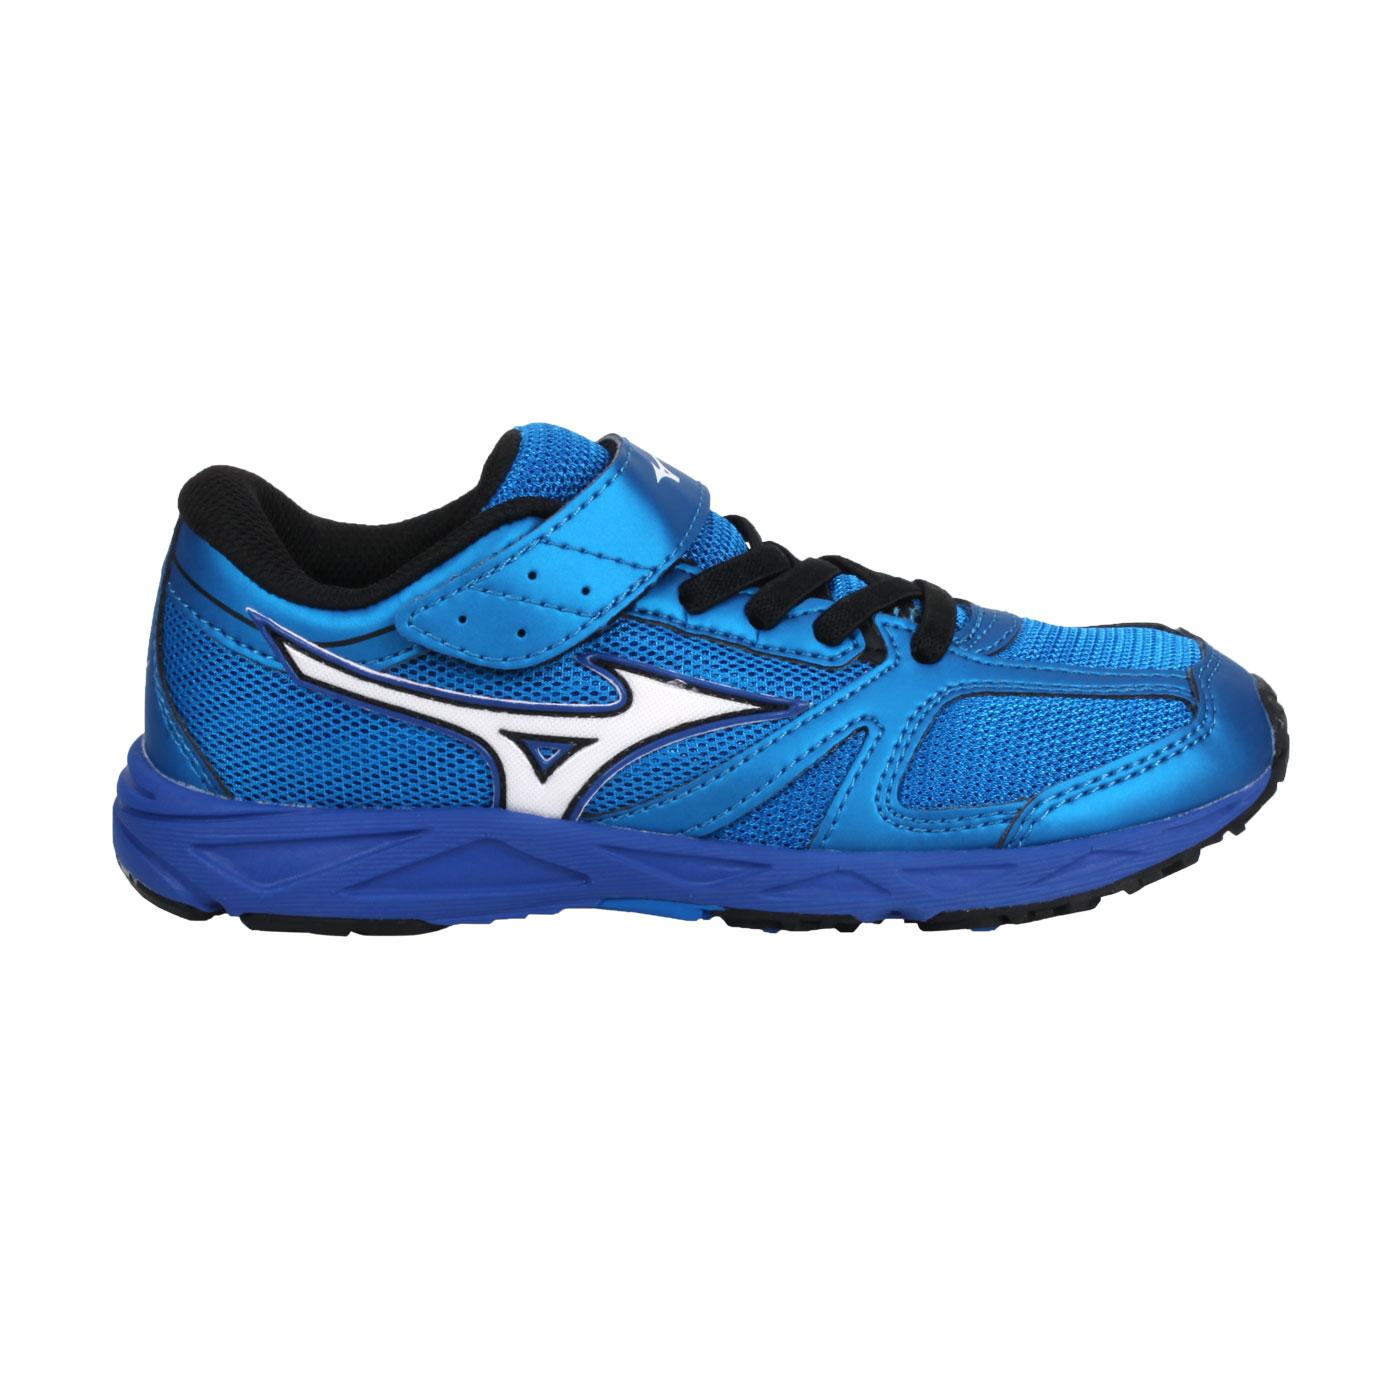 MIZUNO 中童慢跑鞋  @SPEED STUDS BELT@K1GC194025 - 寶藍白